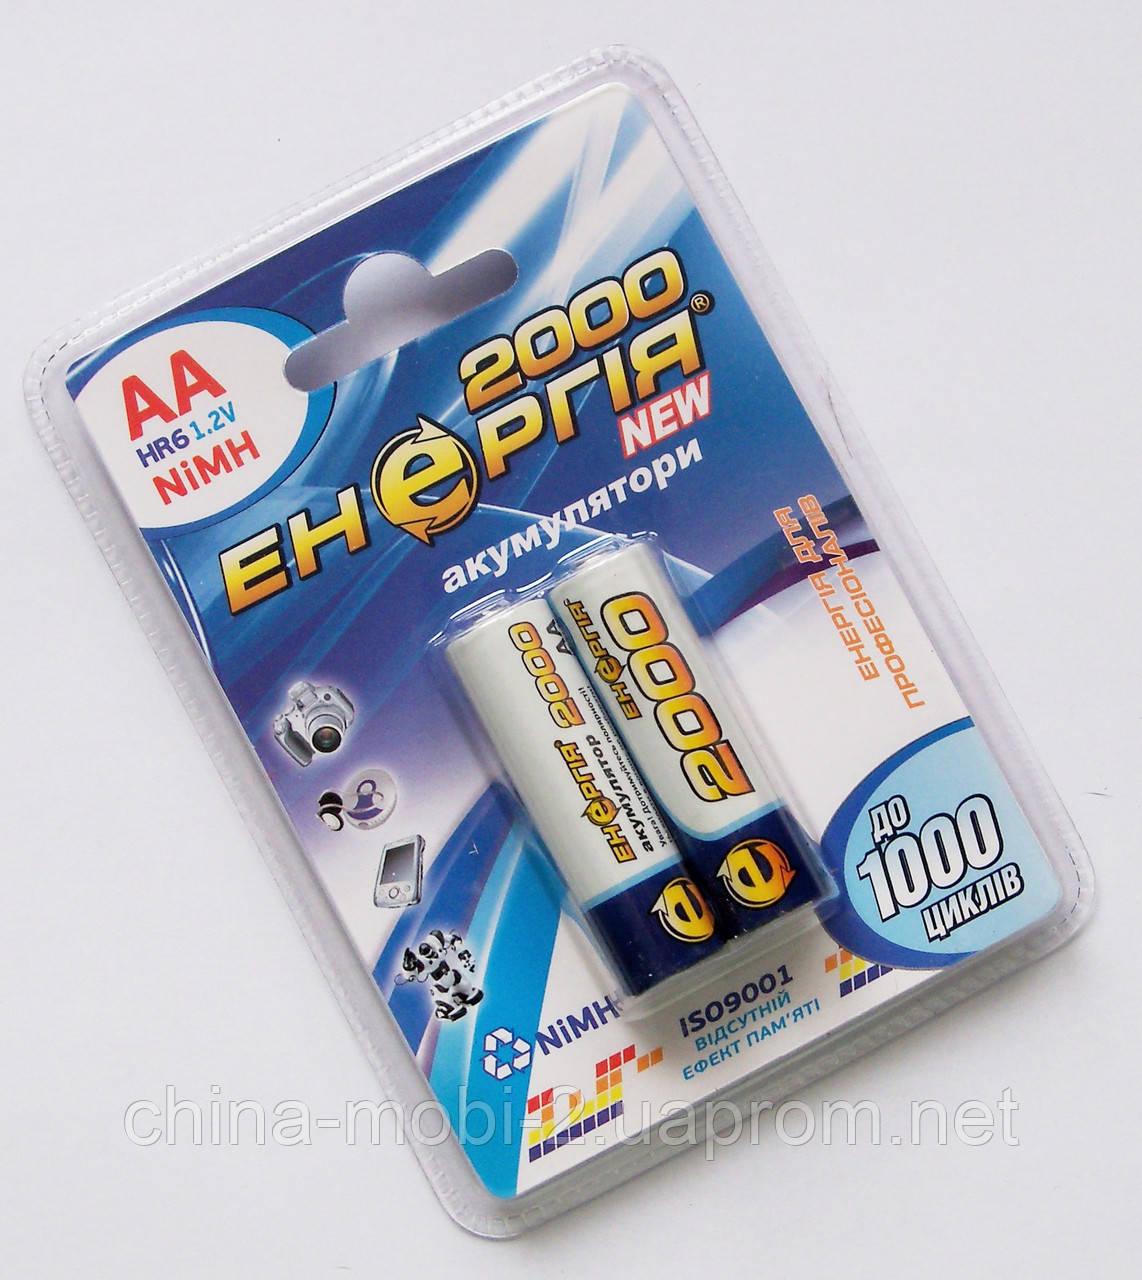 Аккумулятор AA Энергия NiMH 2000 mAh